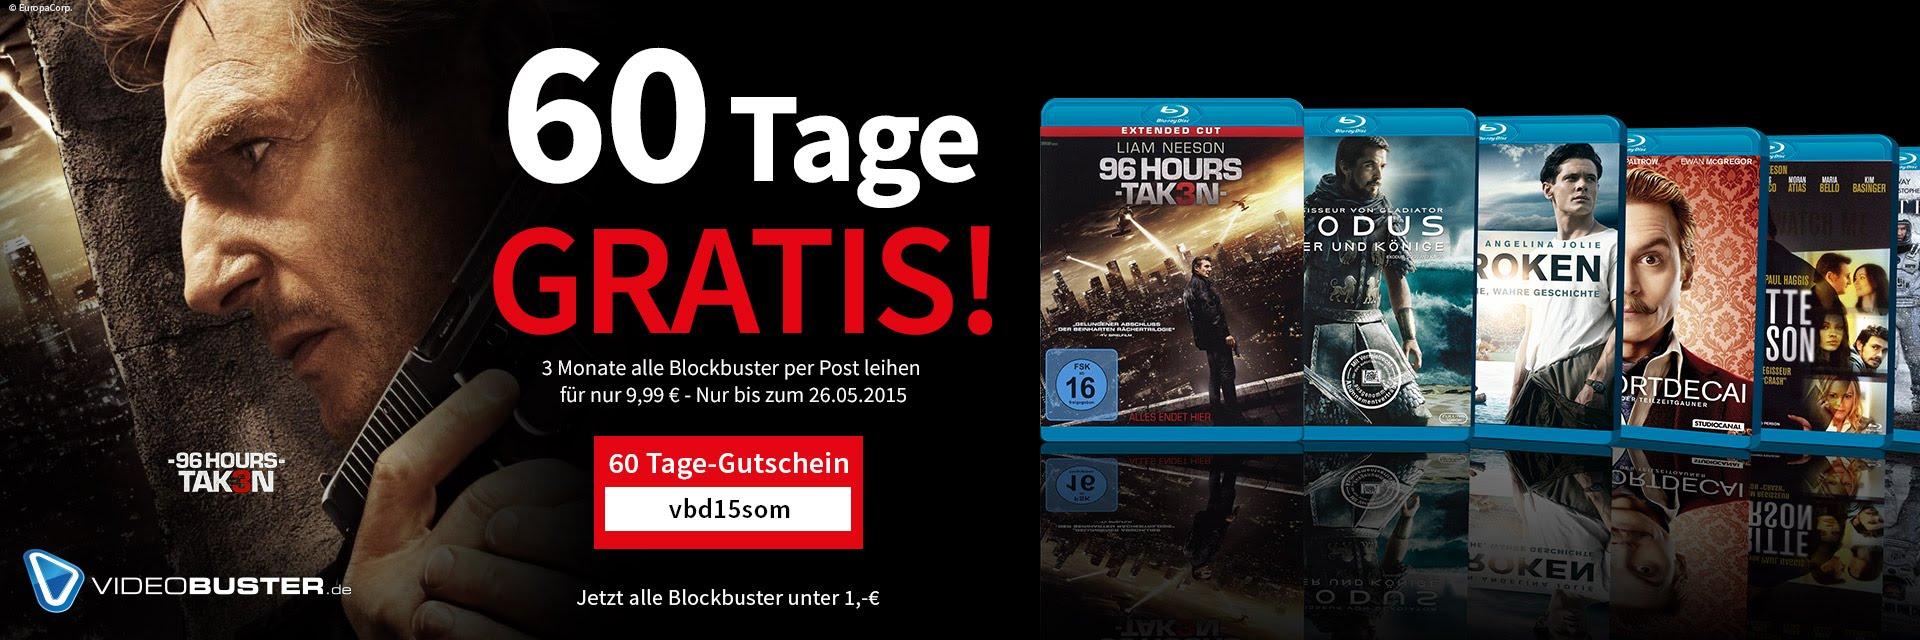 Videobuster 60 Tage gratis!